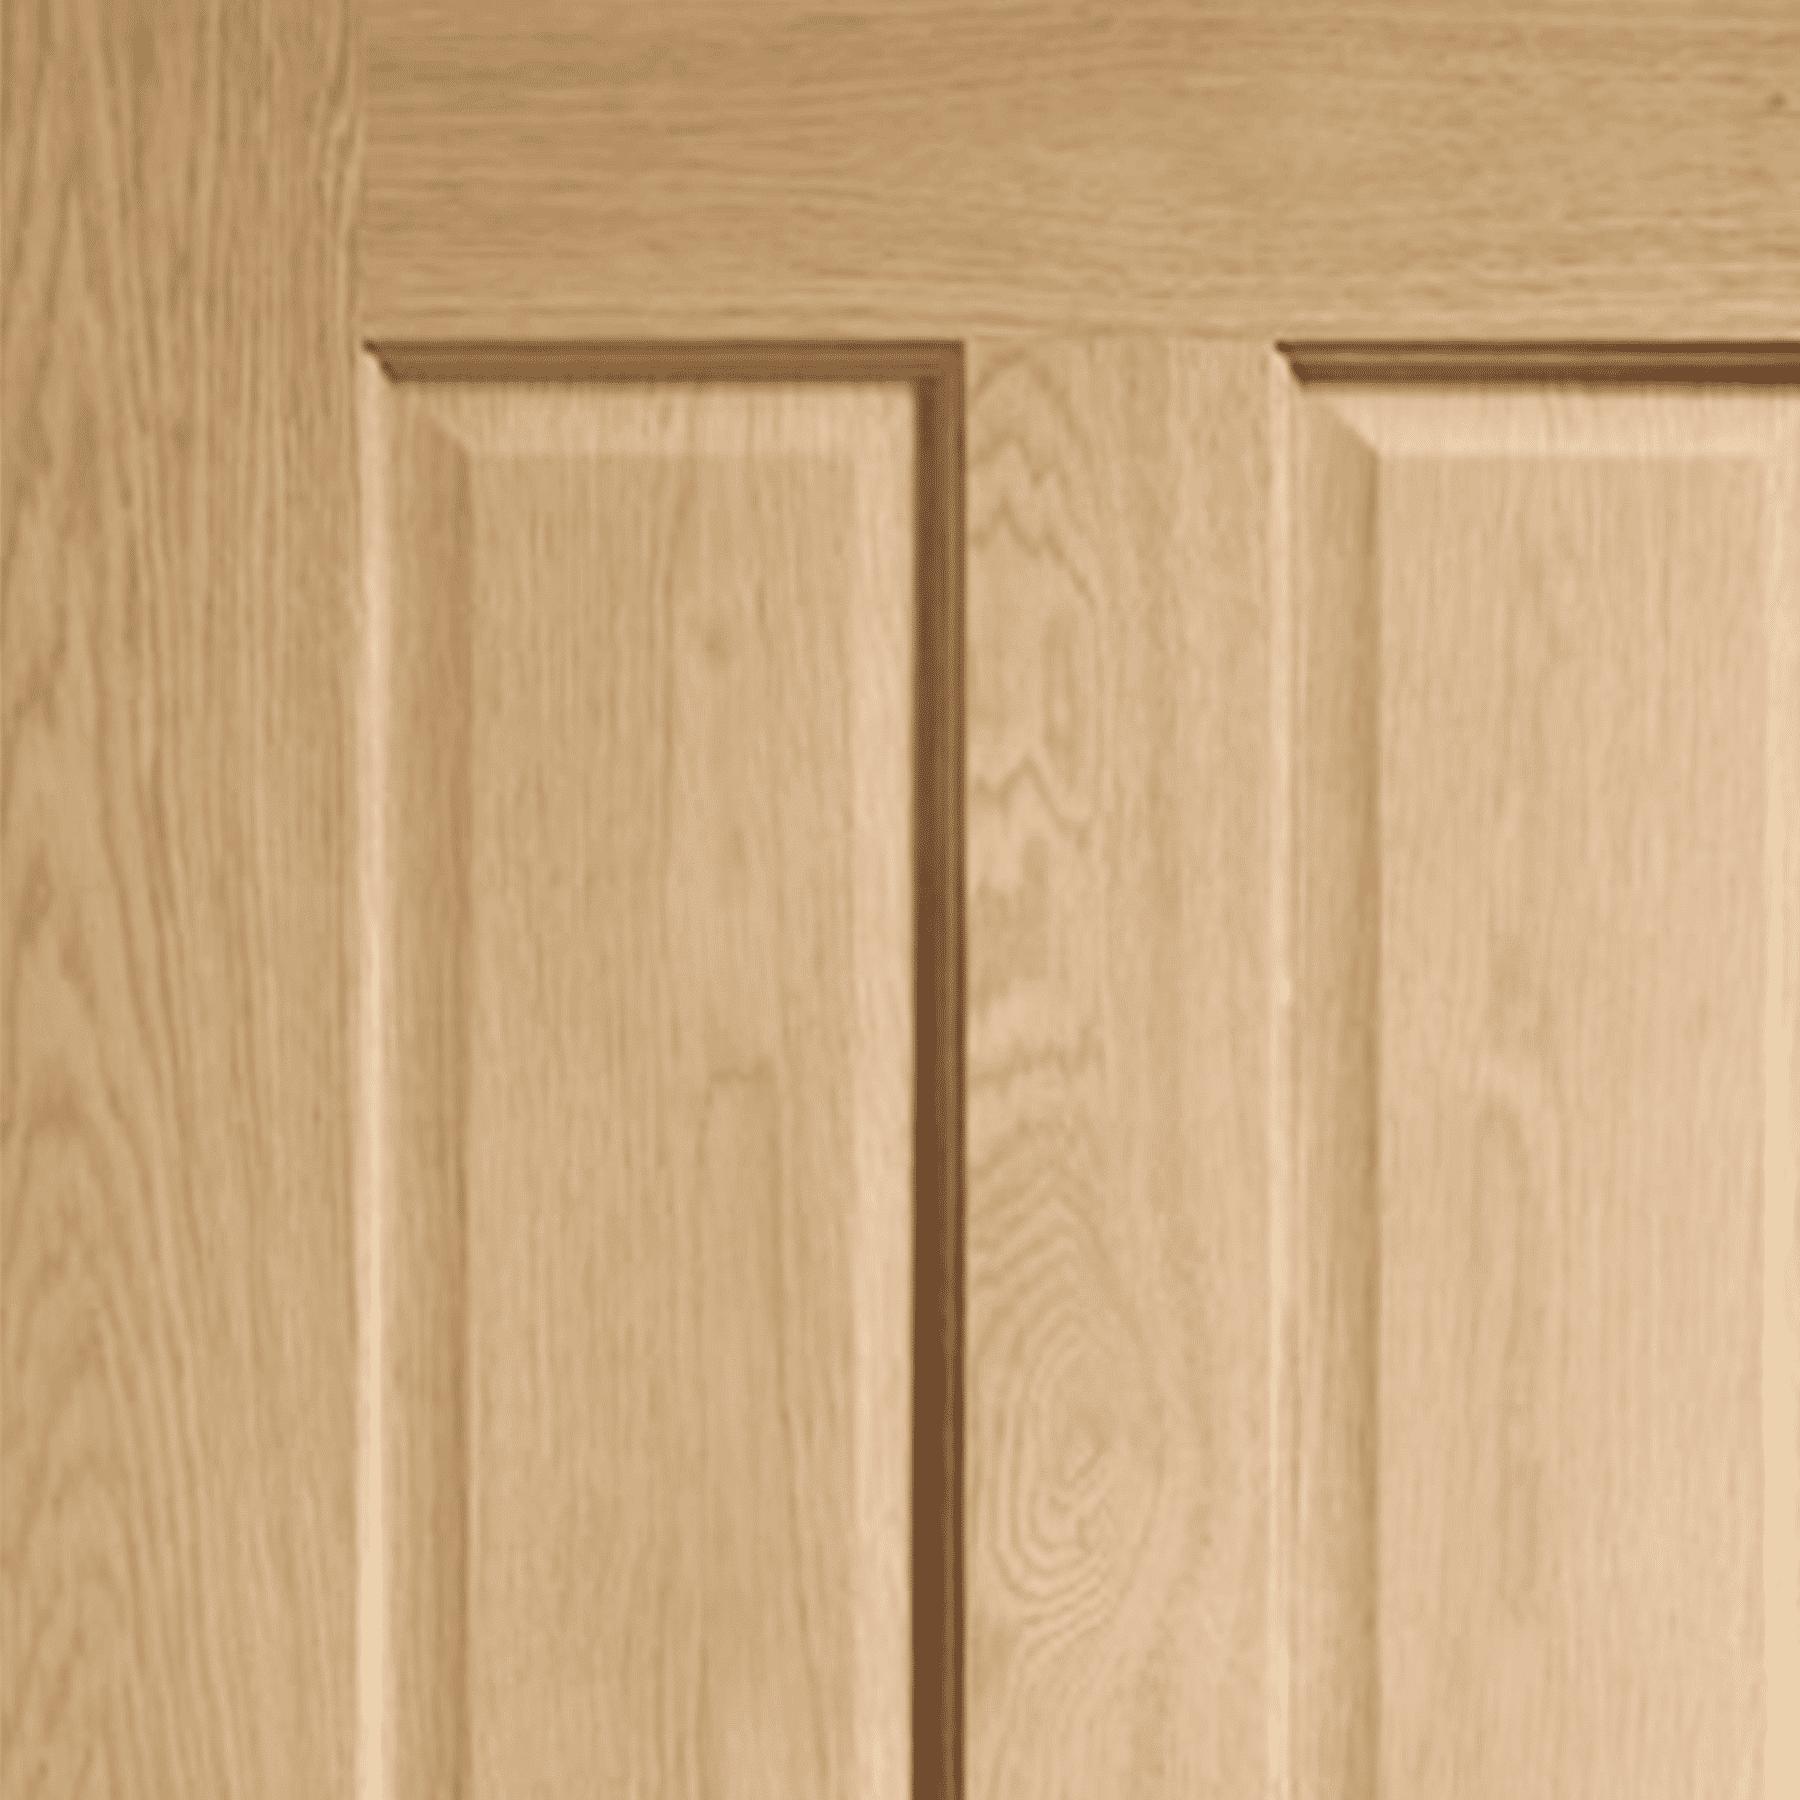 victorian oak 4 panel internal door close up